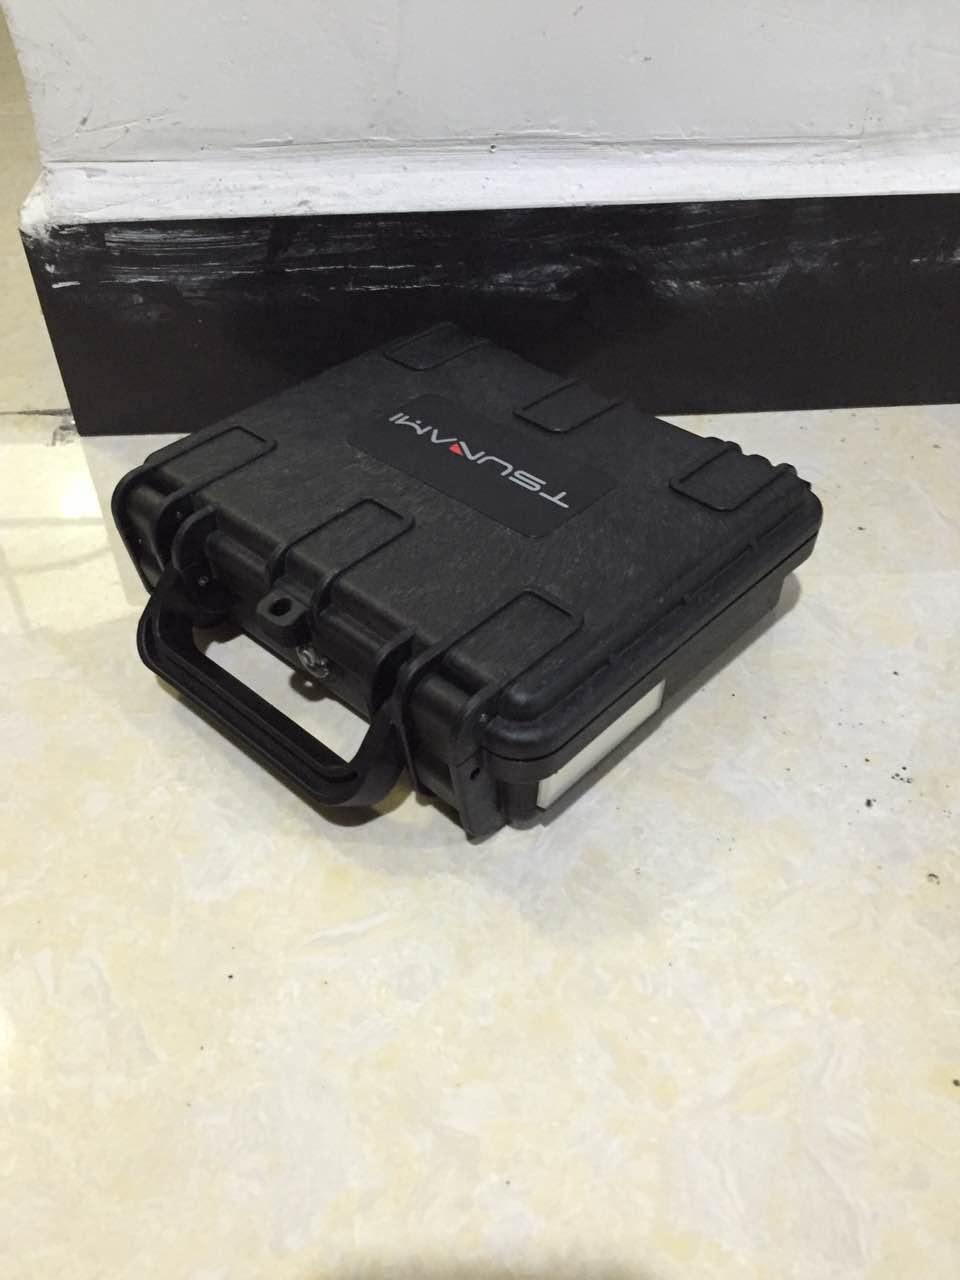 厂家直销TSUNAMI 171305安全箱 防爆箱 防水防尘防爆 各种型号尺寸